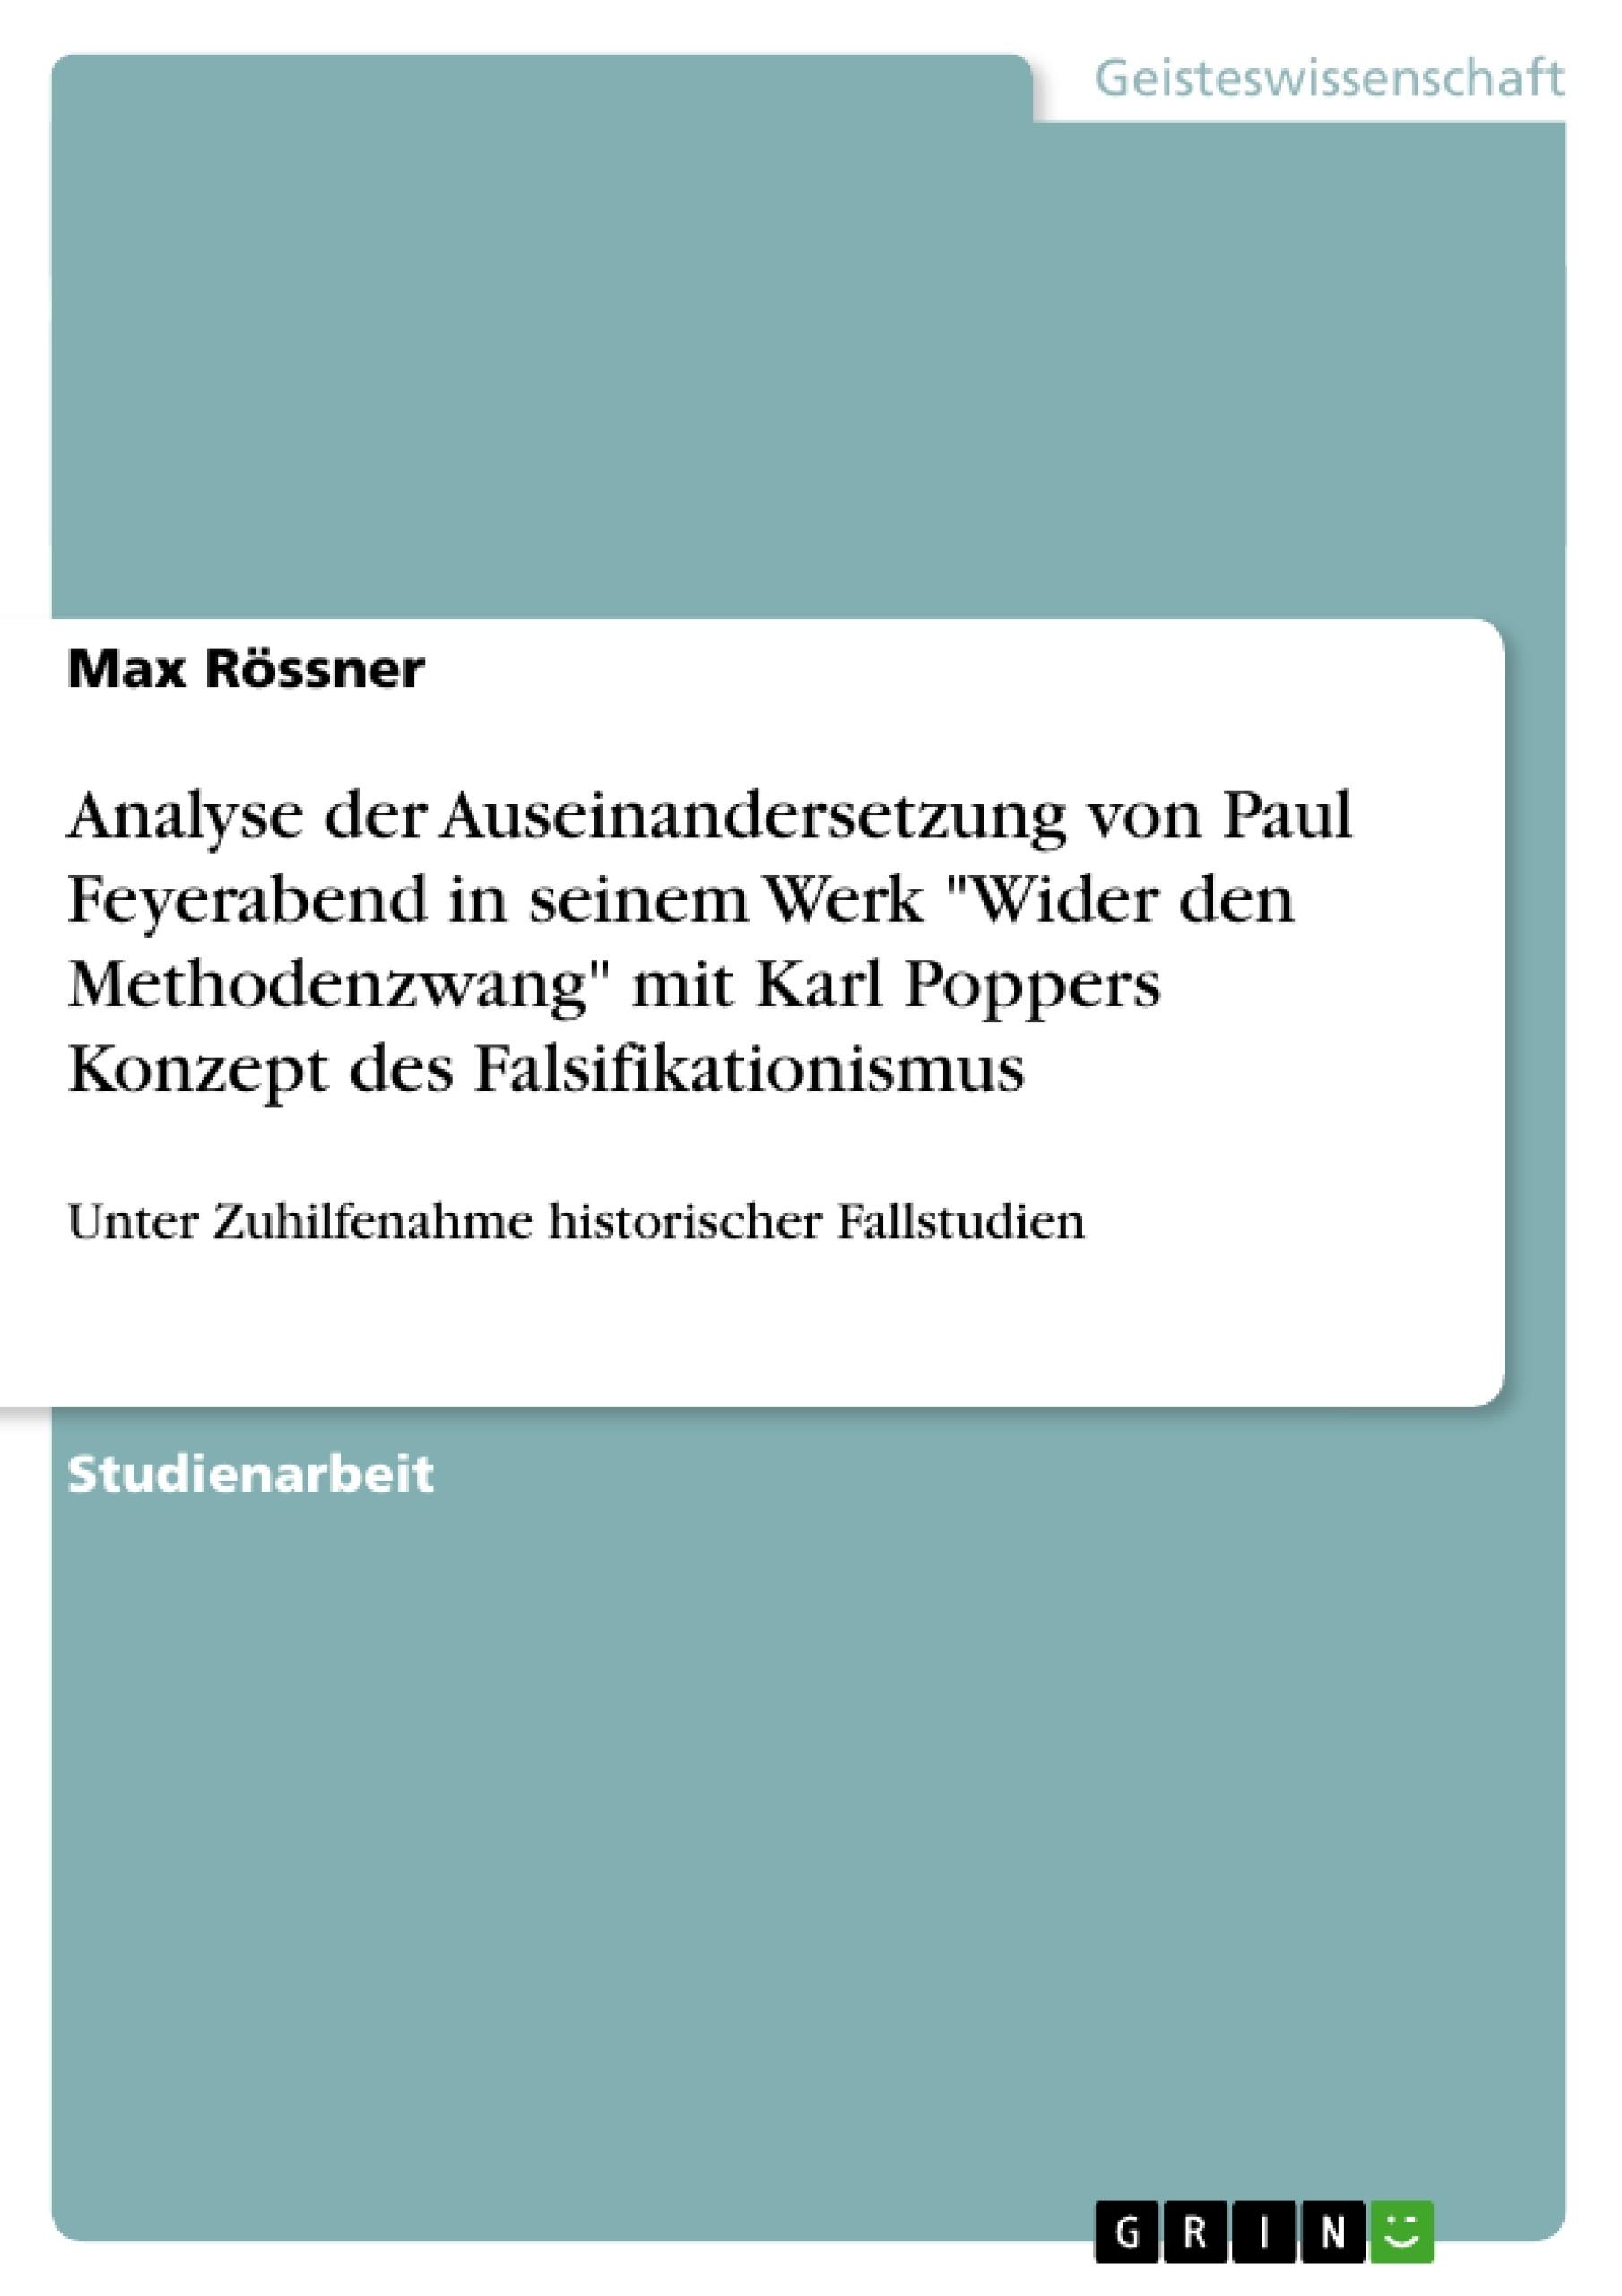 """Titel: Analyse der Auseinandersetzung von Paul Feyerabend in seinem Werk """"Wider den Methodenzwang"""" mit Karl Poppers Konzept des Falsifikationismus"""